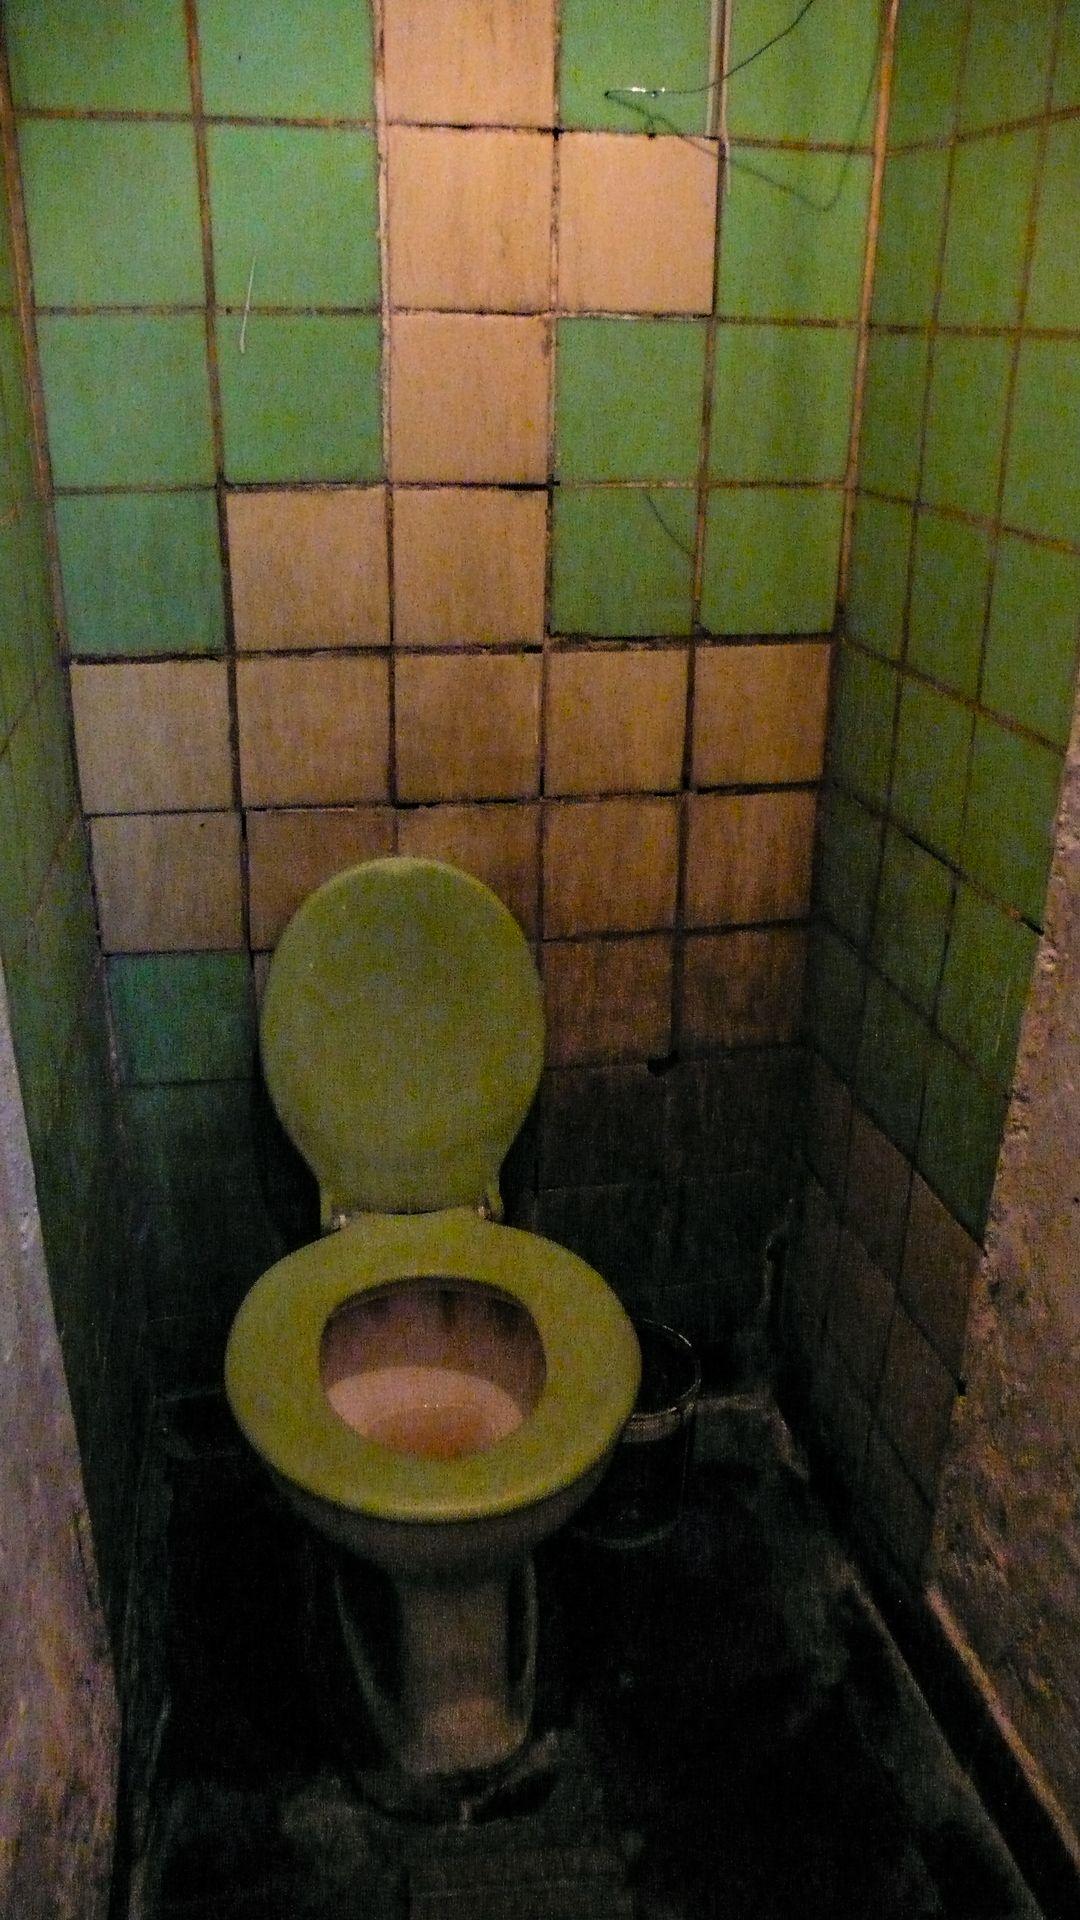 baño tetris, cagando por el mundo, baños del mundo, horror de baños